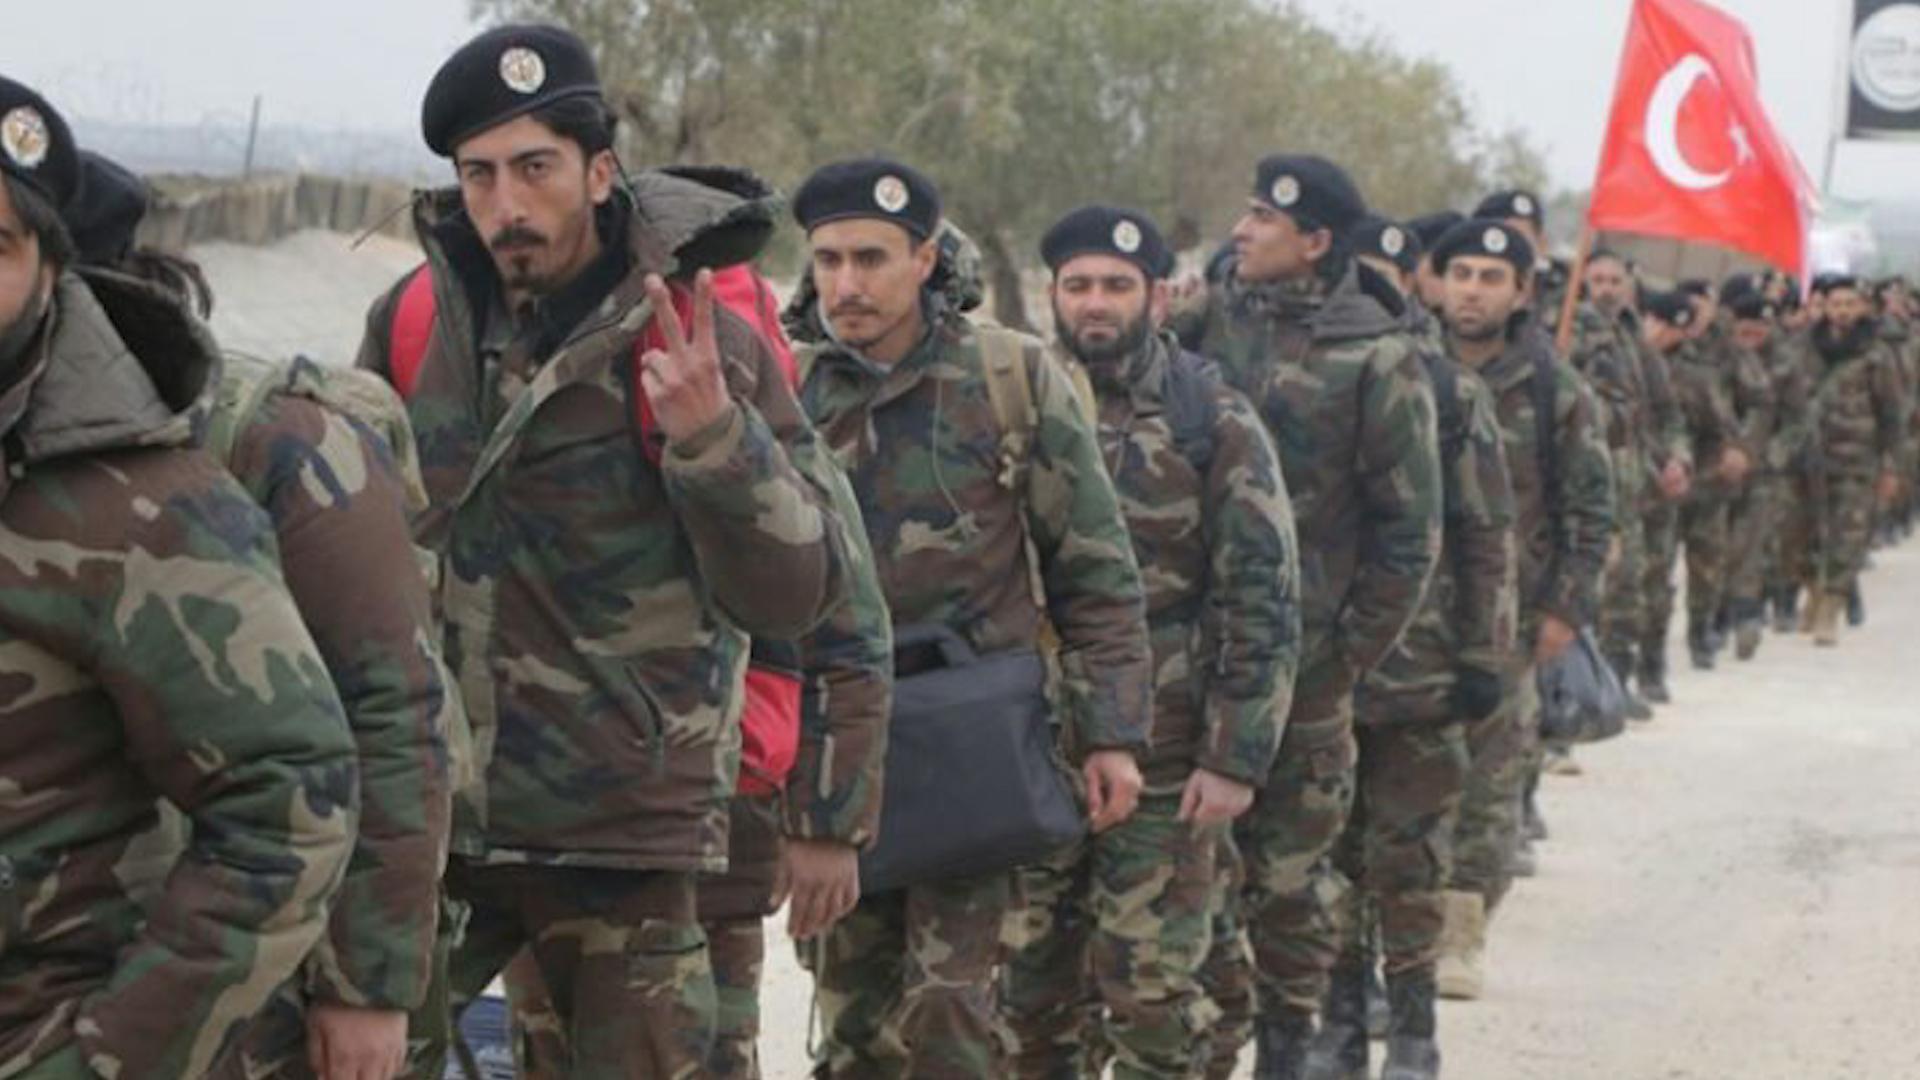 صورة وصول ألف مرتزق سوري موالين لتركيا إلى طرابلس الليبية